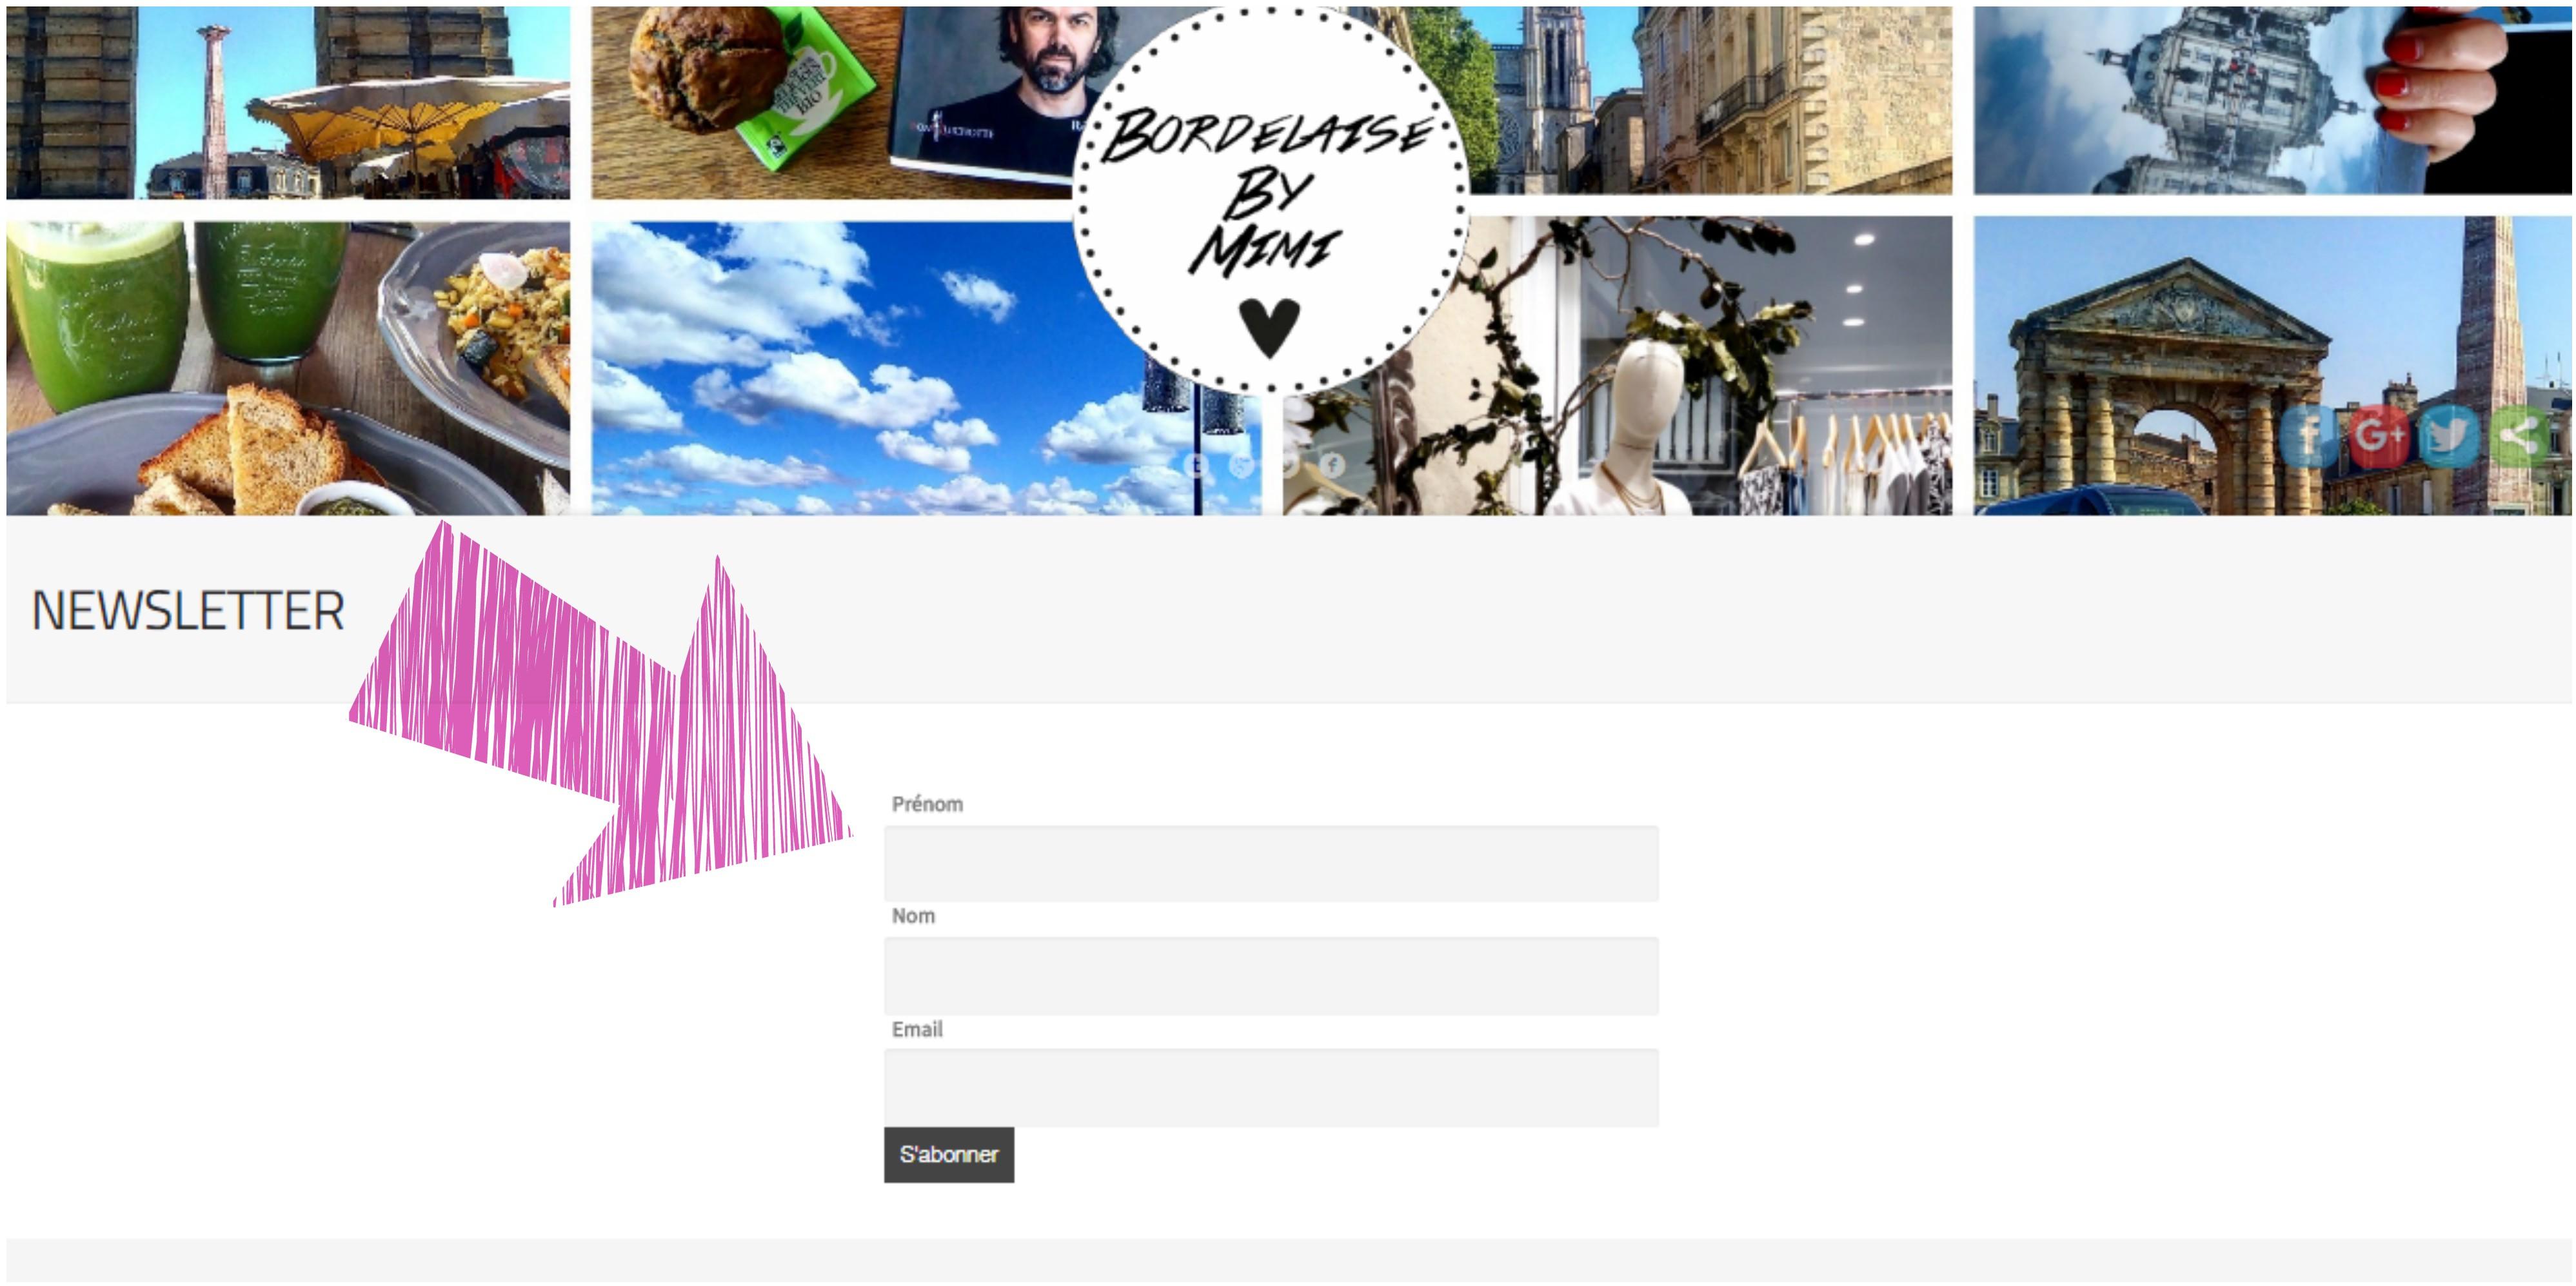 newsletter-bordelaise-by-mimi-blog